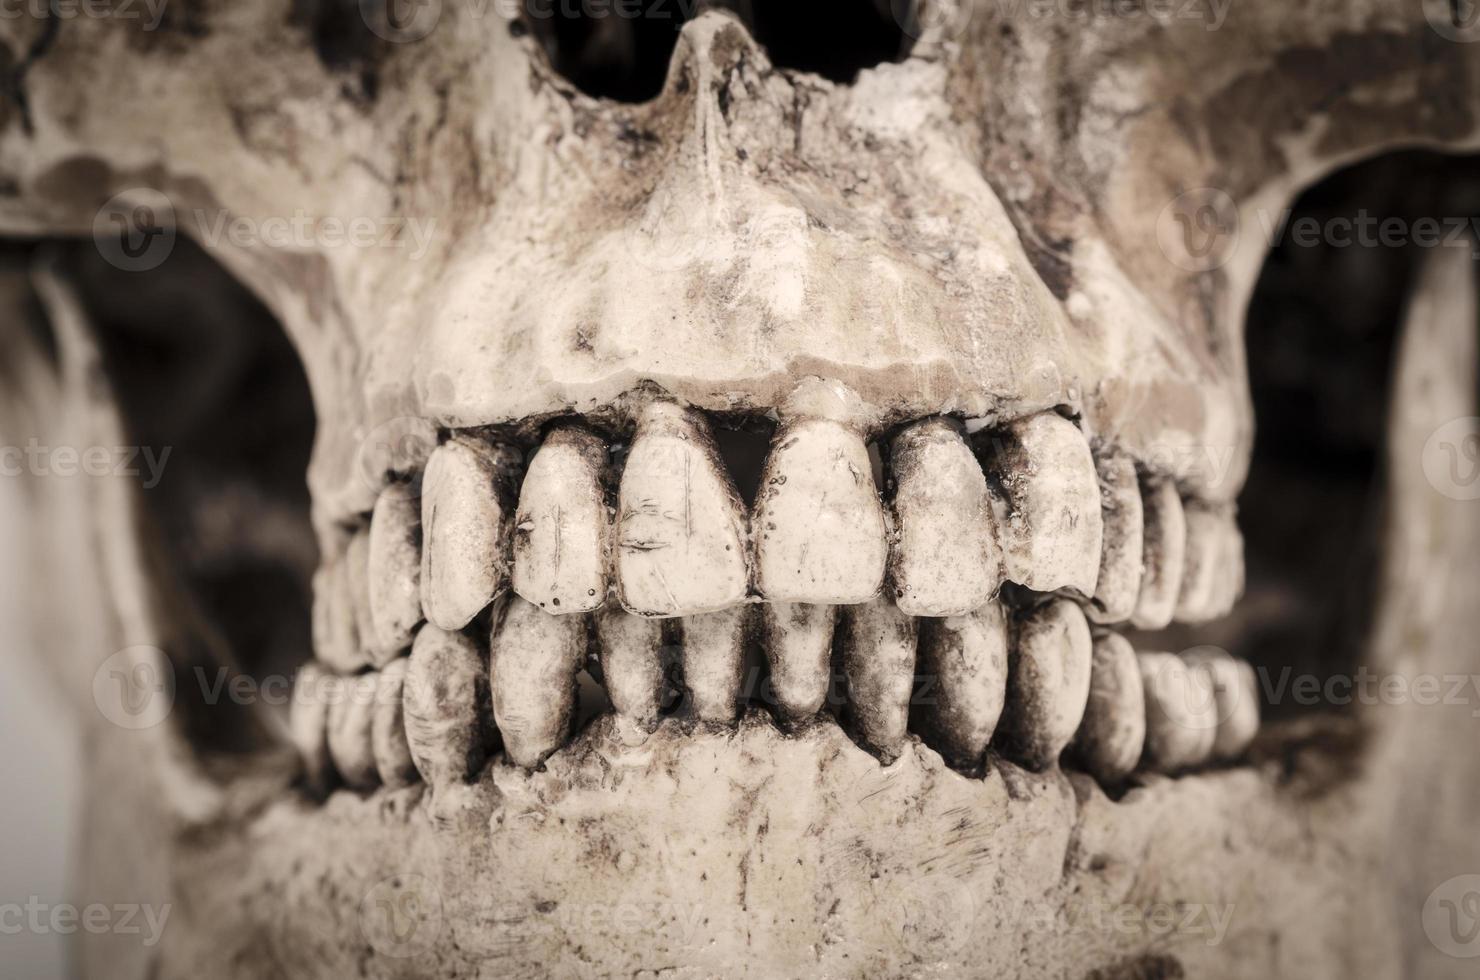 Modell der menschlichen Zähne (Schädel) auf einem weißen Hintergrund foto